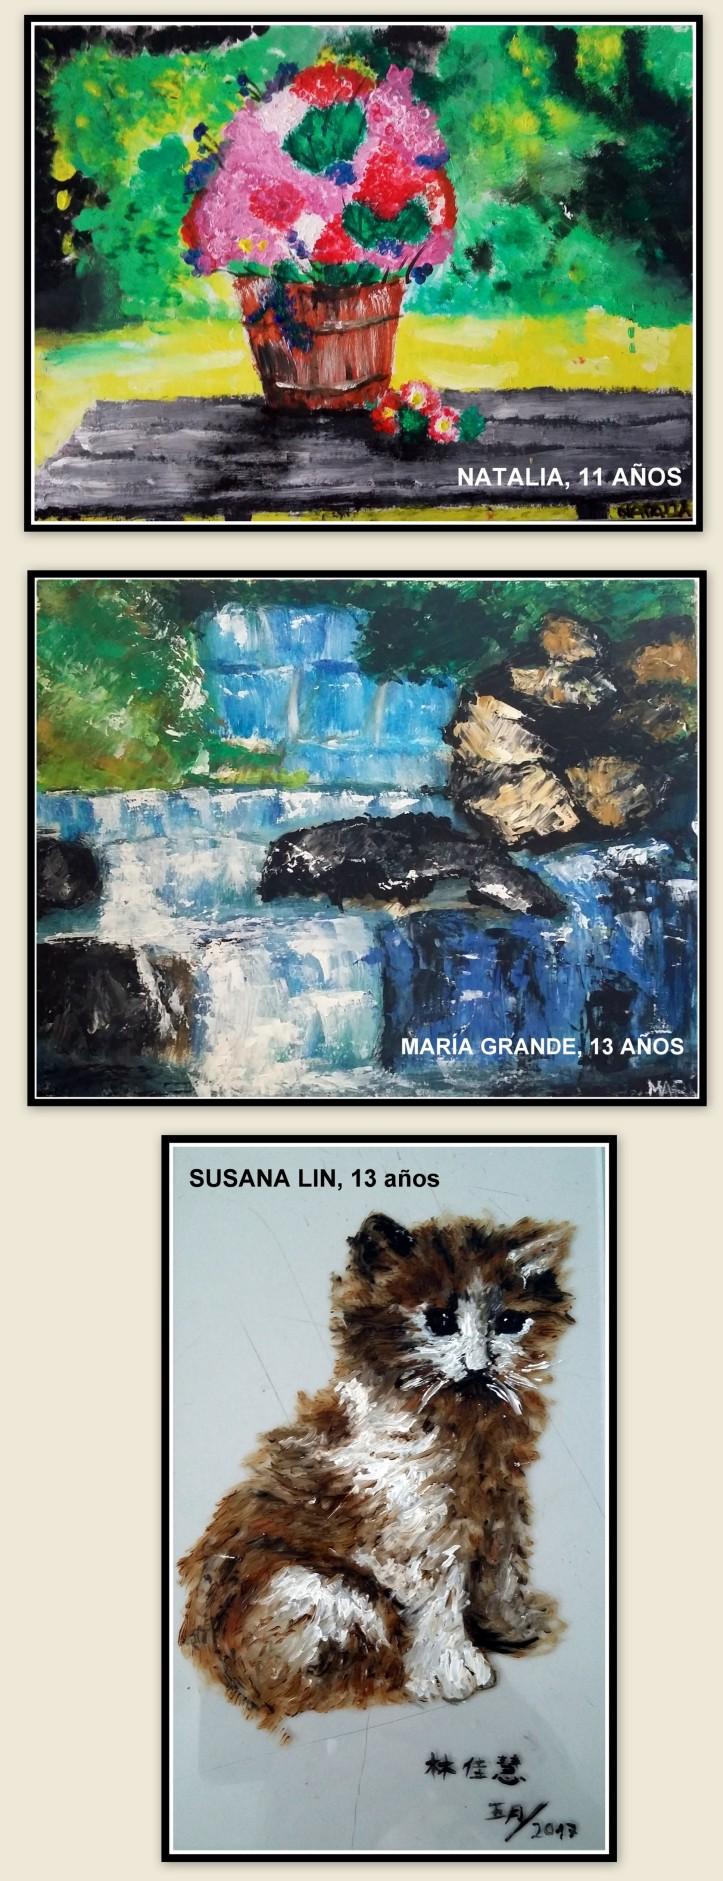 dibujos de animales flores y paisajes al oleo academia de pintura para niños torrejon de ardoz.jpg